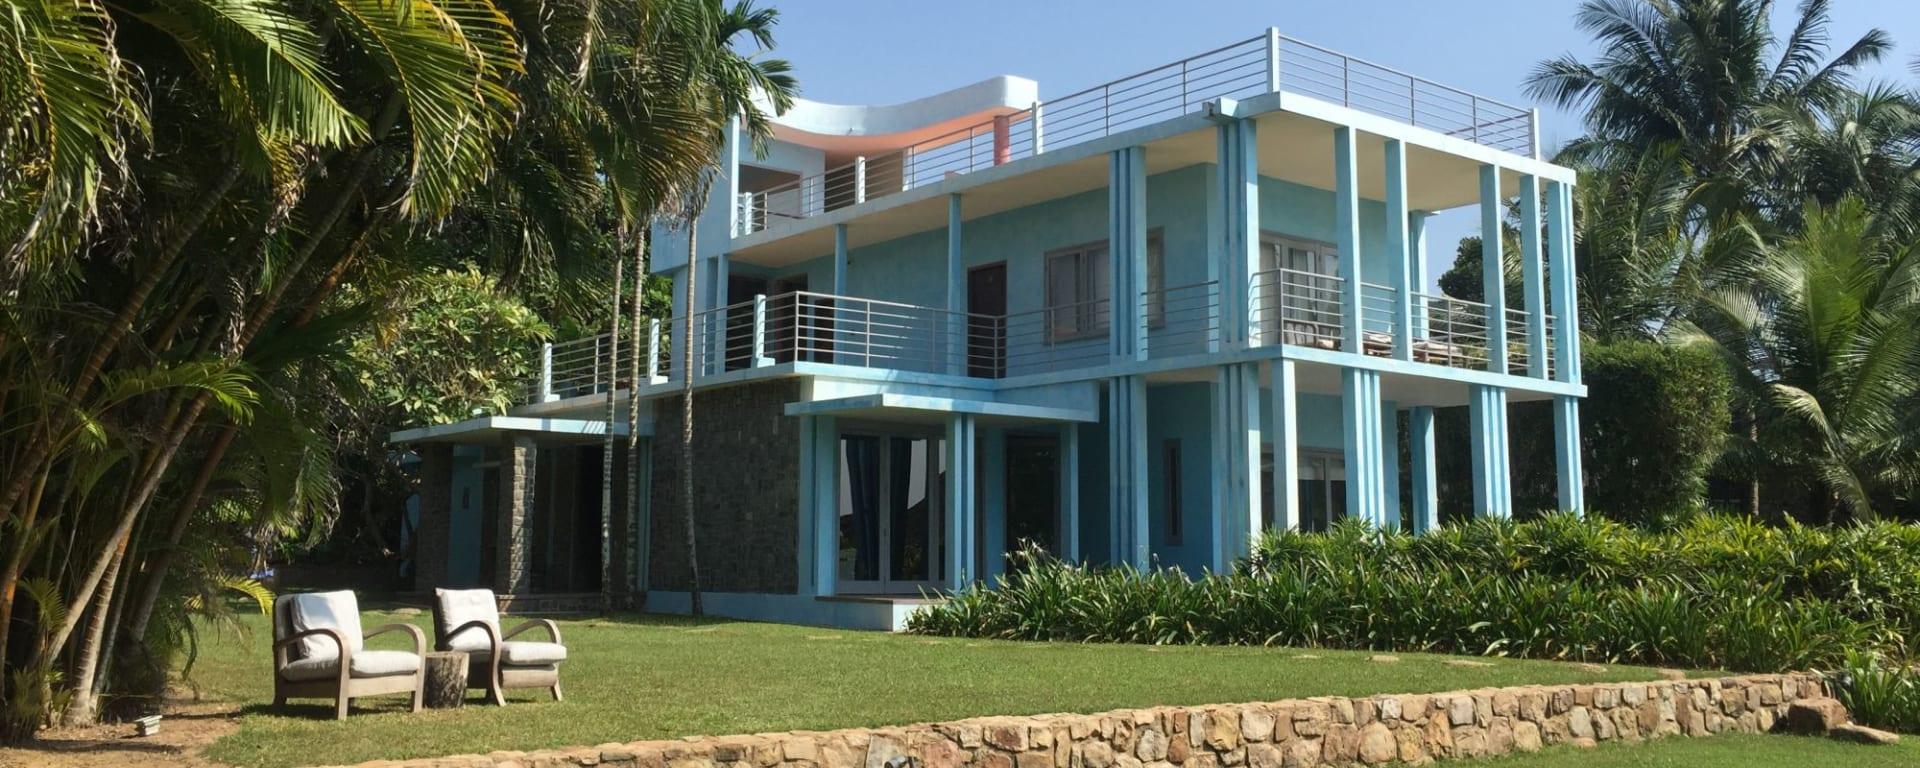 Knai Bang Chatt in Kep: Blue House Knai Bang Chatt